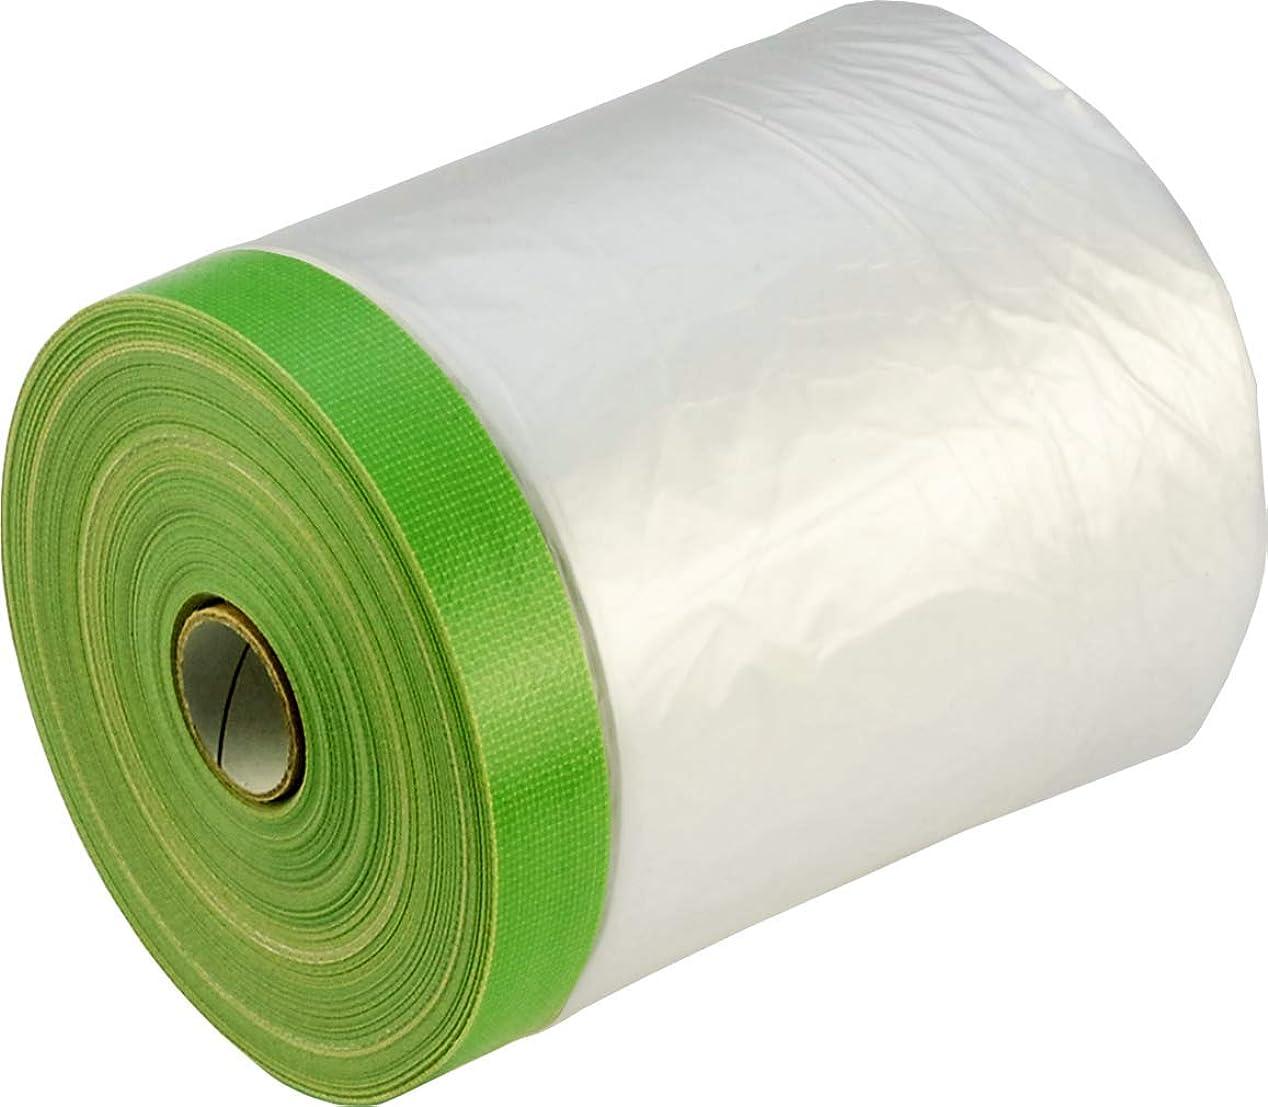 セイはさておき死にかけている禁止エス?オー?エー(S.O.A.) 布コロナマスカーS 布養生テープ付きマスカー AMNGL150025S 外壁塗装養生用 10入